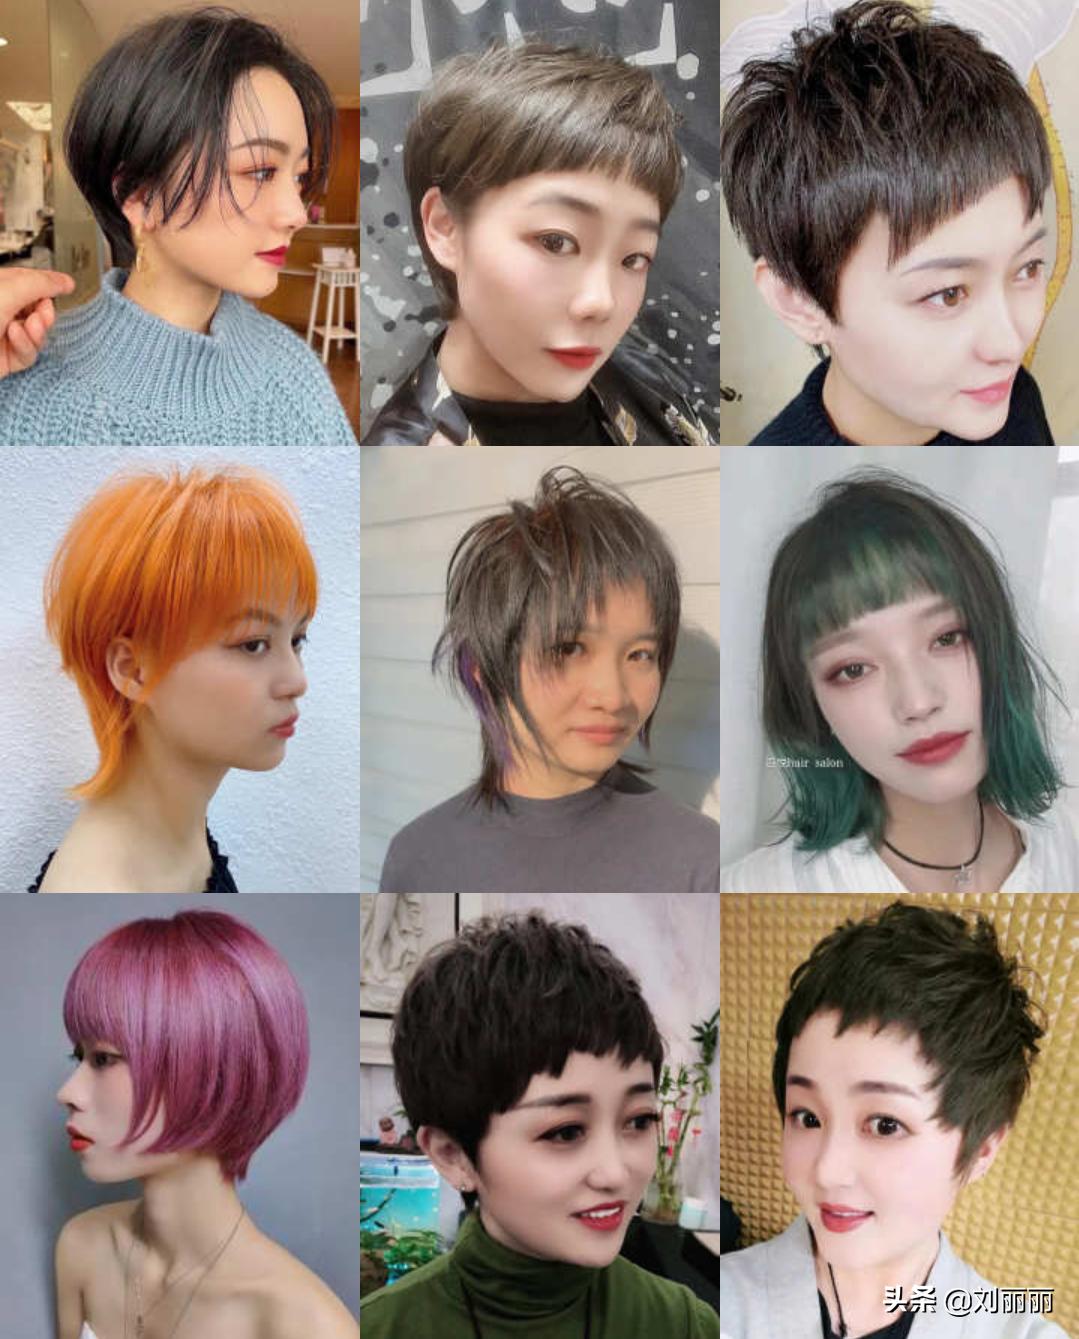 2021新发型大全100多款,无论长短都很美,喜欢就选一款吧